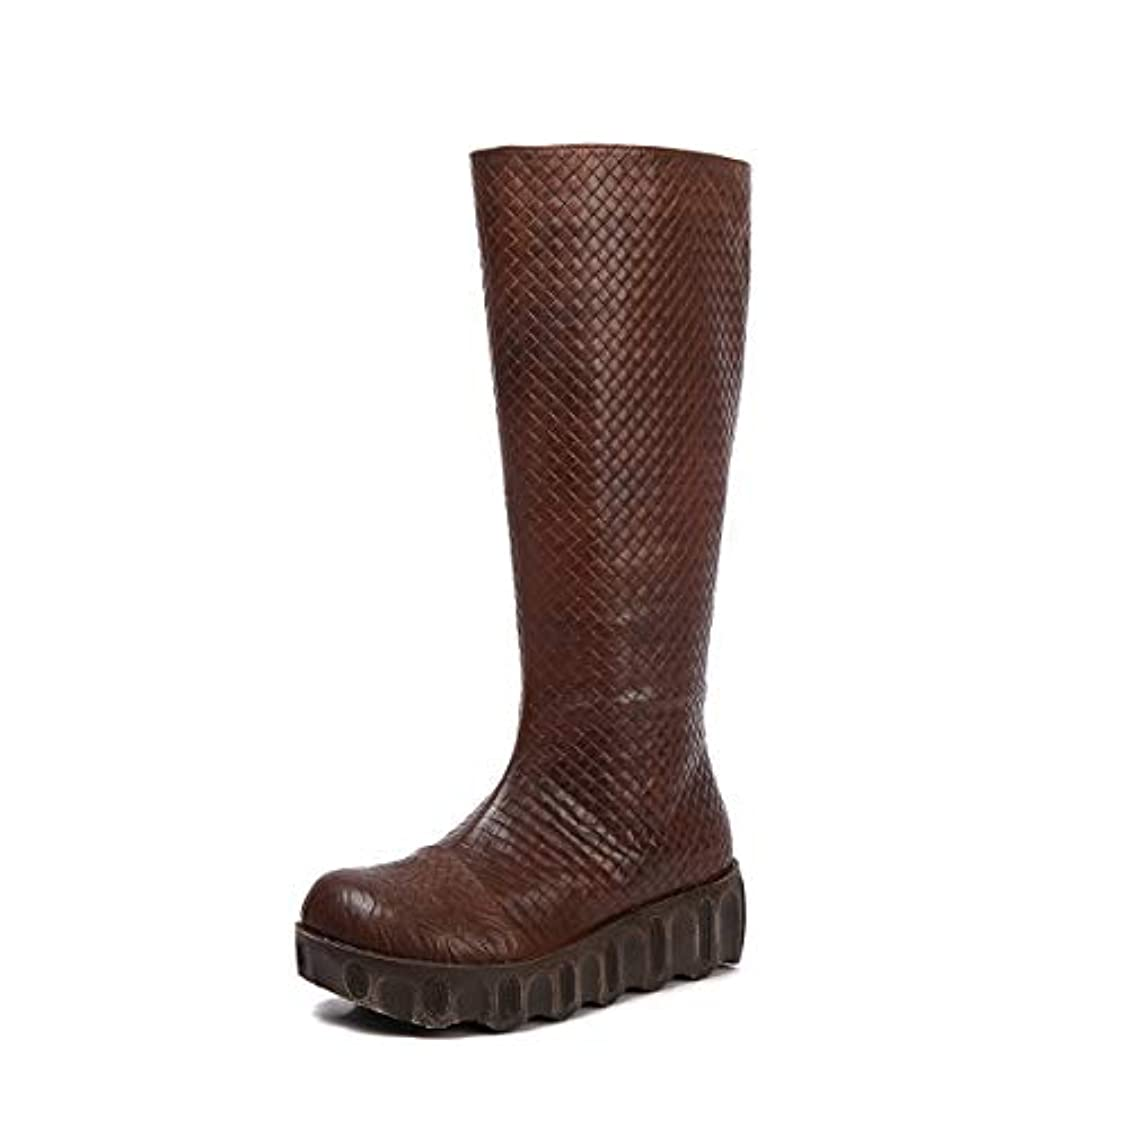 無関心洪水スクリューレディースニーブーツウェッジヒールヴィンテージスタイルのブーツと秋冬シューズのアッパーシューズ